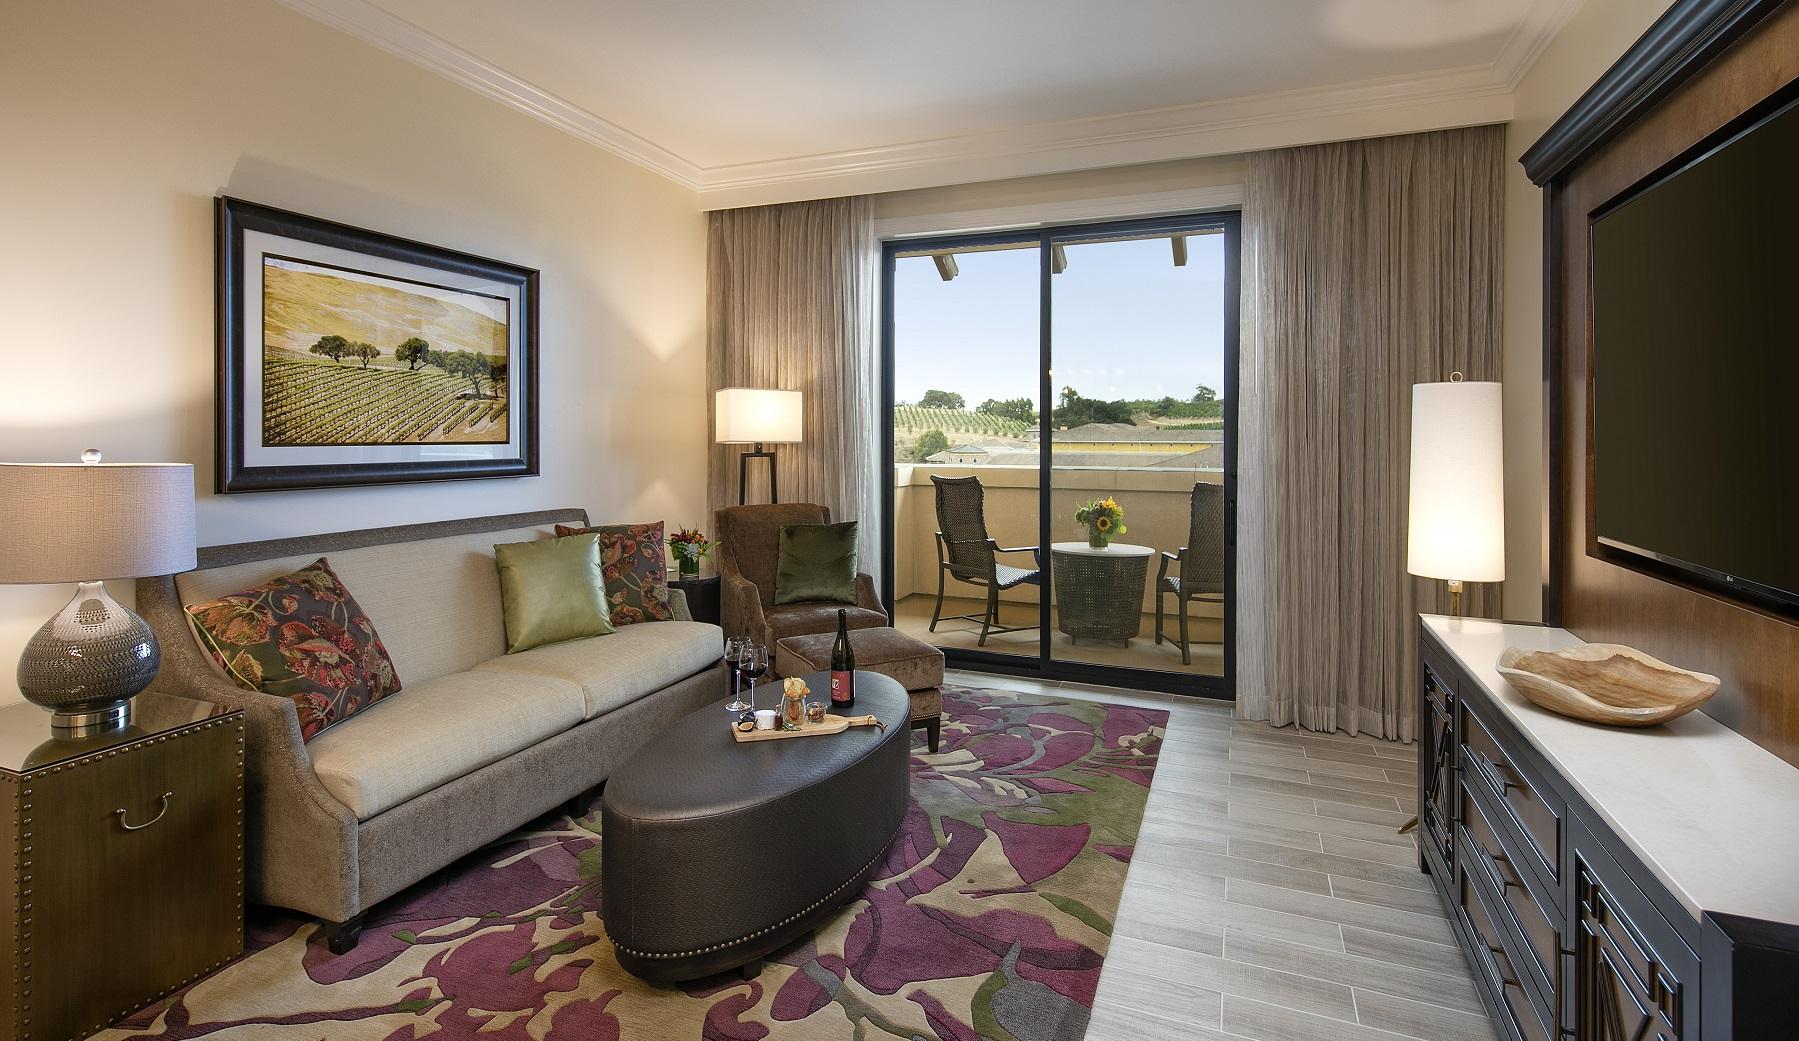 Napa Hotel Room With Balcony